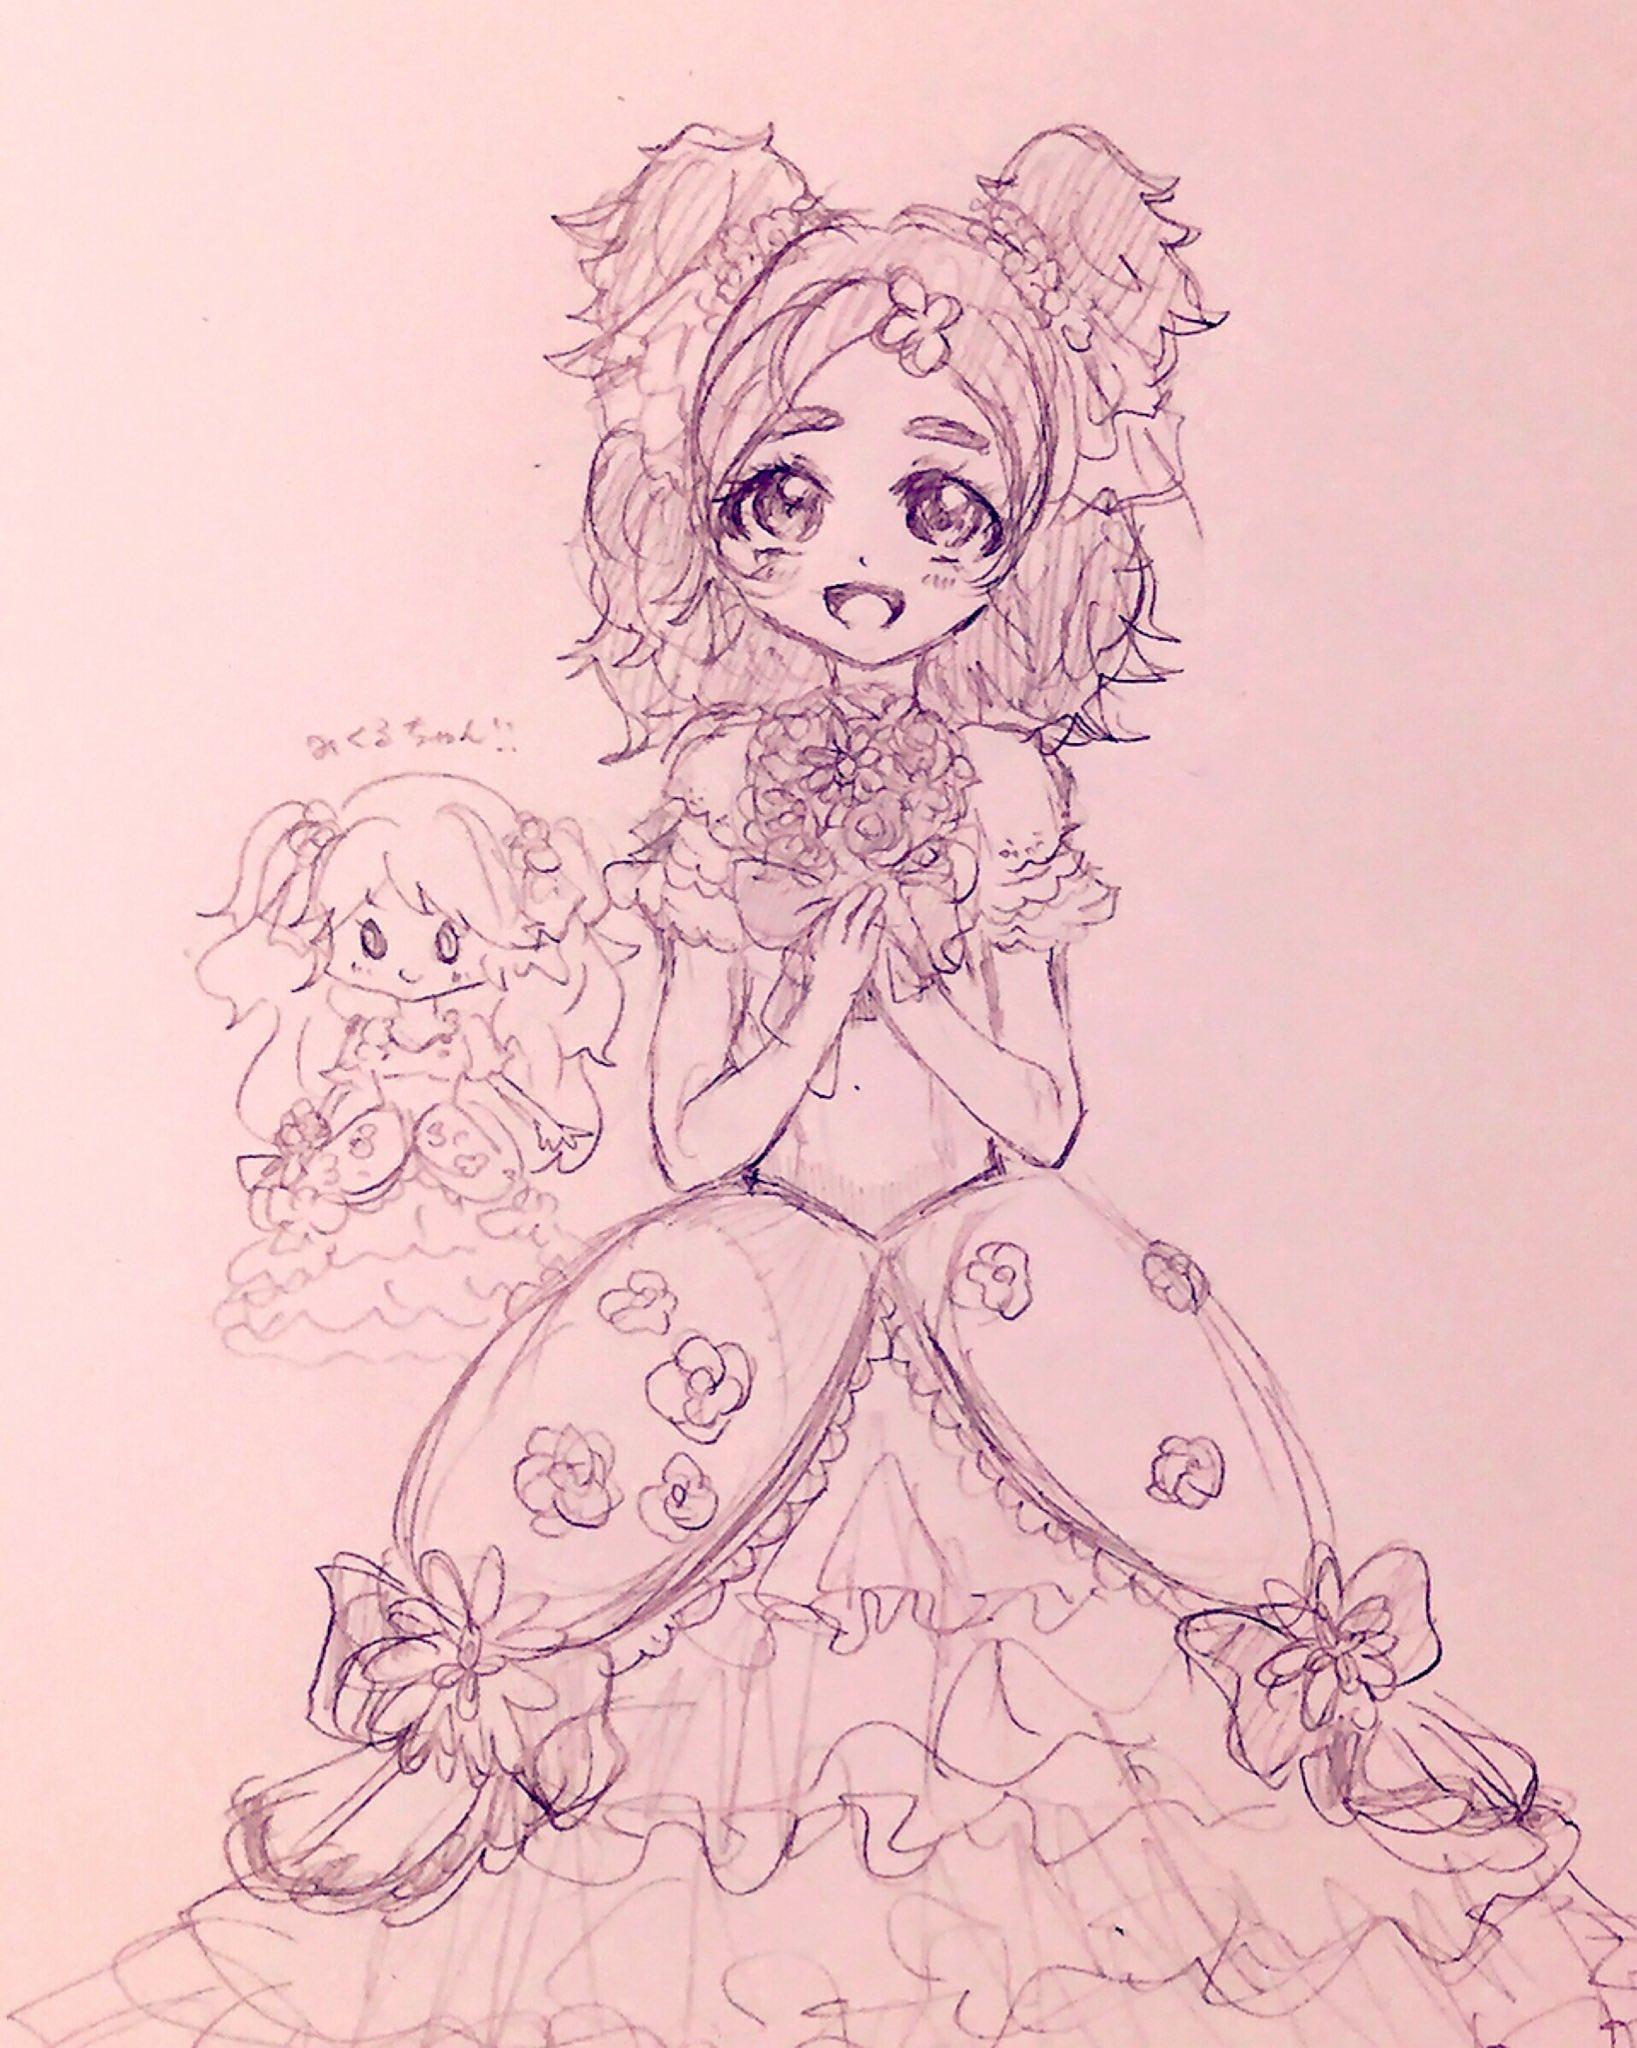 ❁真黍❁ (@MKB057)さんのイラスト